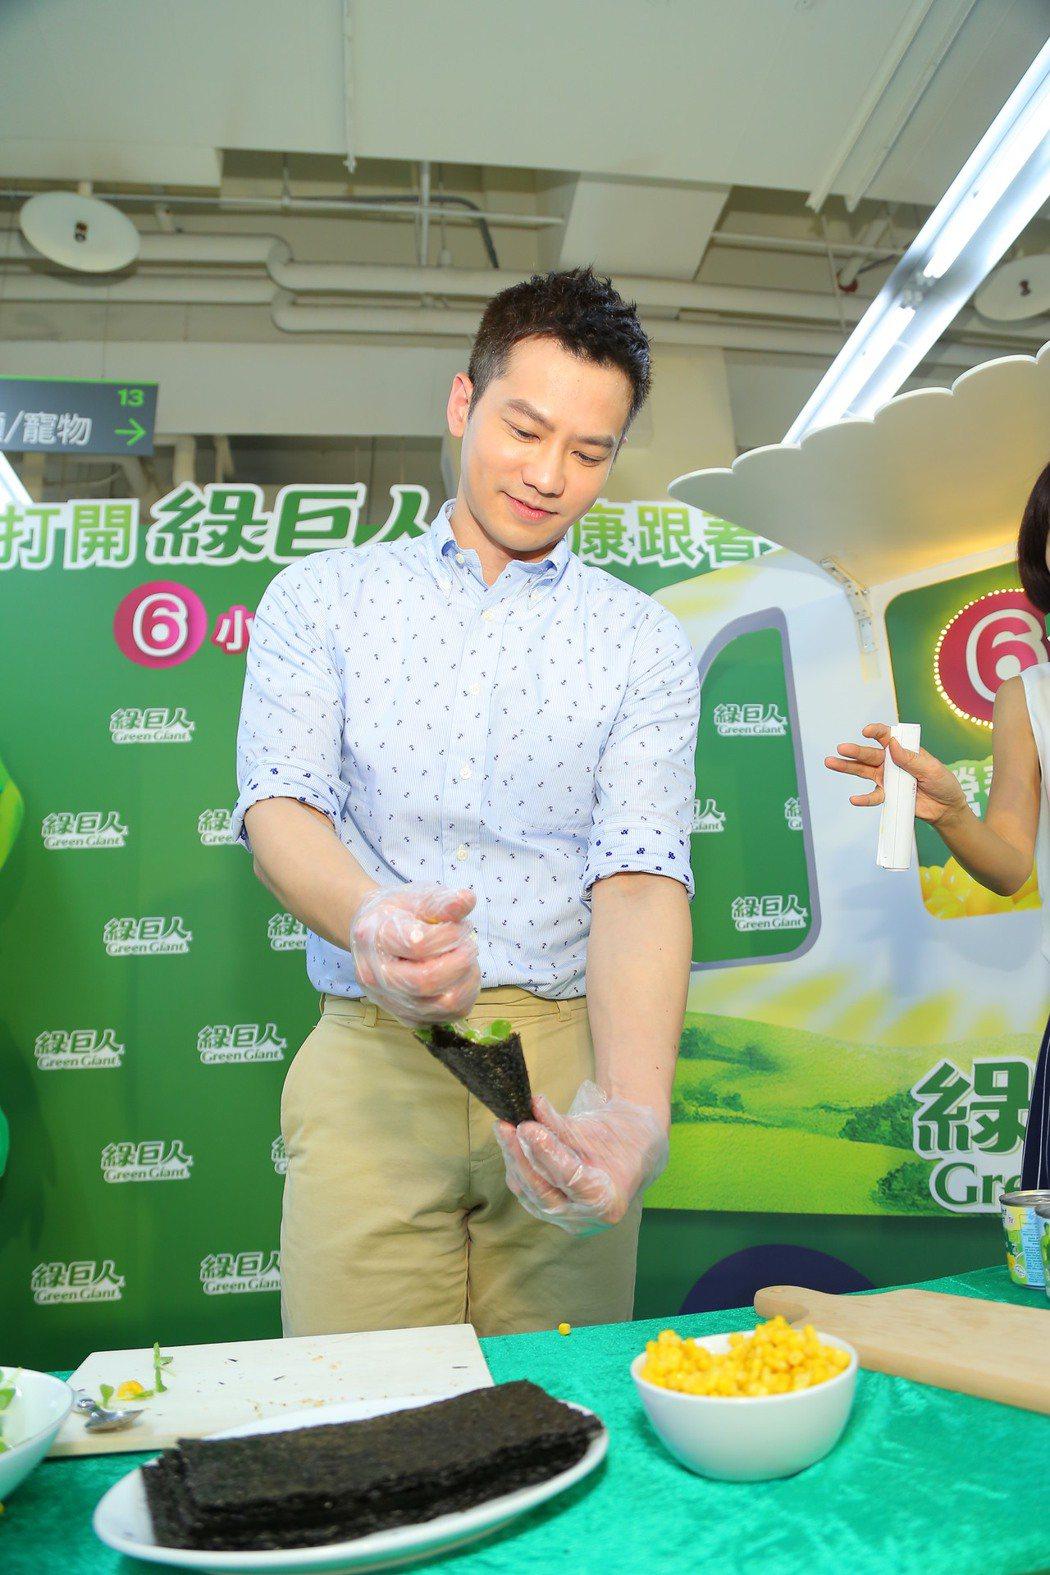 鄒承恩出席活動現場秀廚藝。圖/綠巨人提供